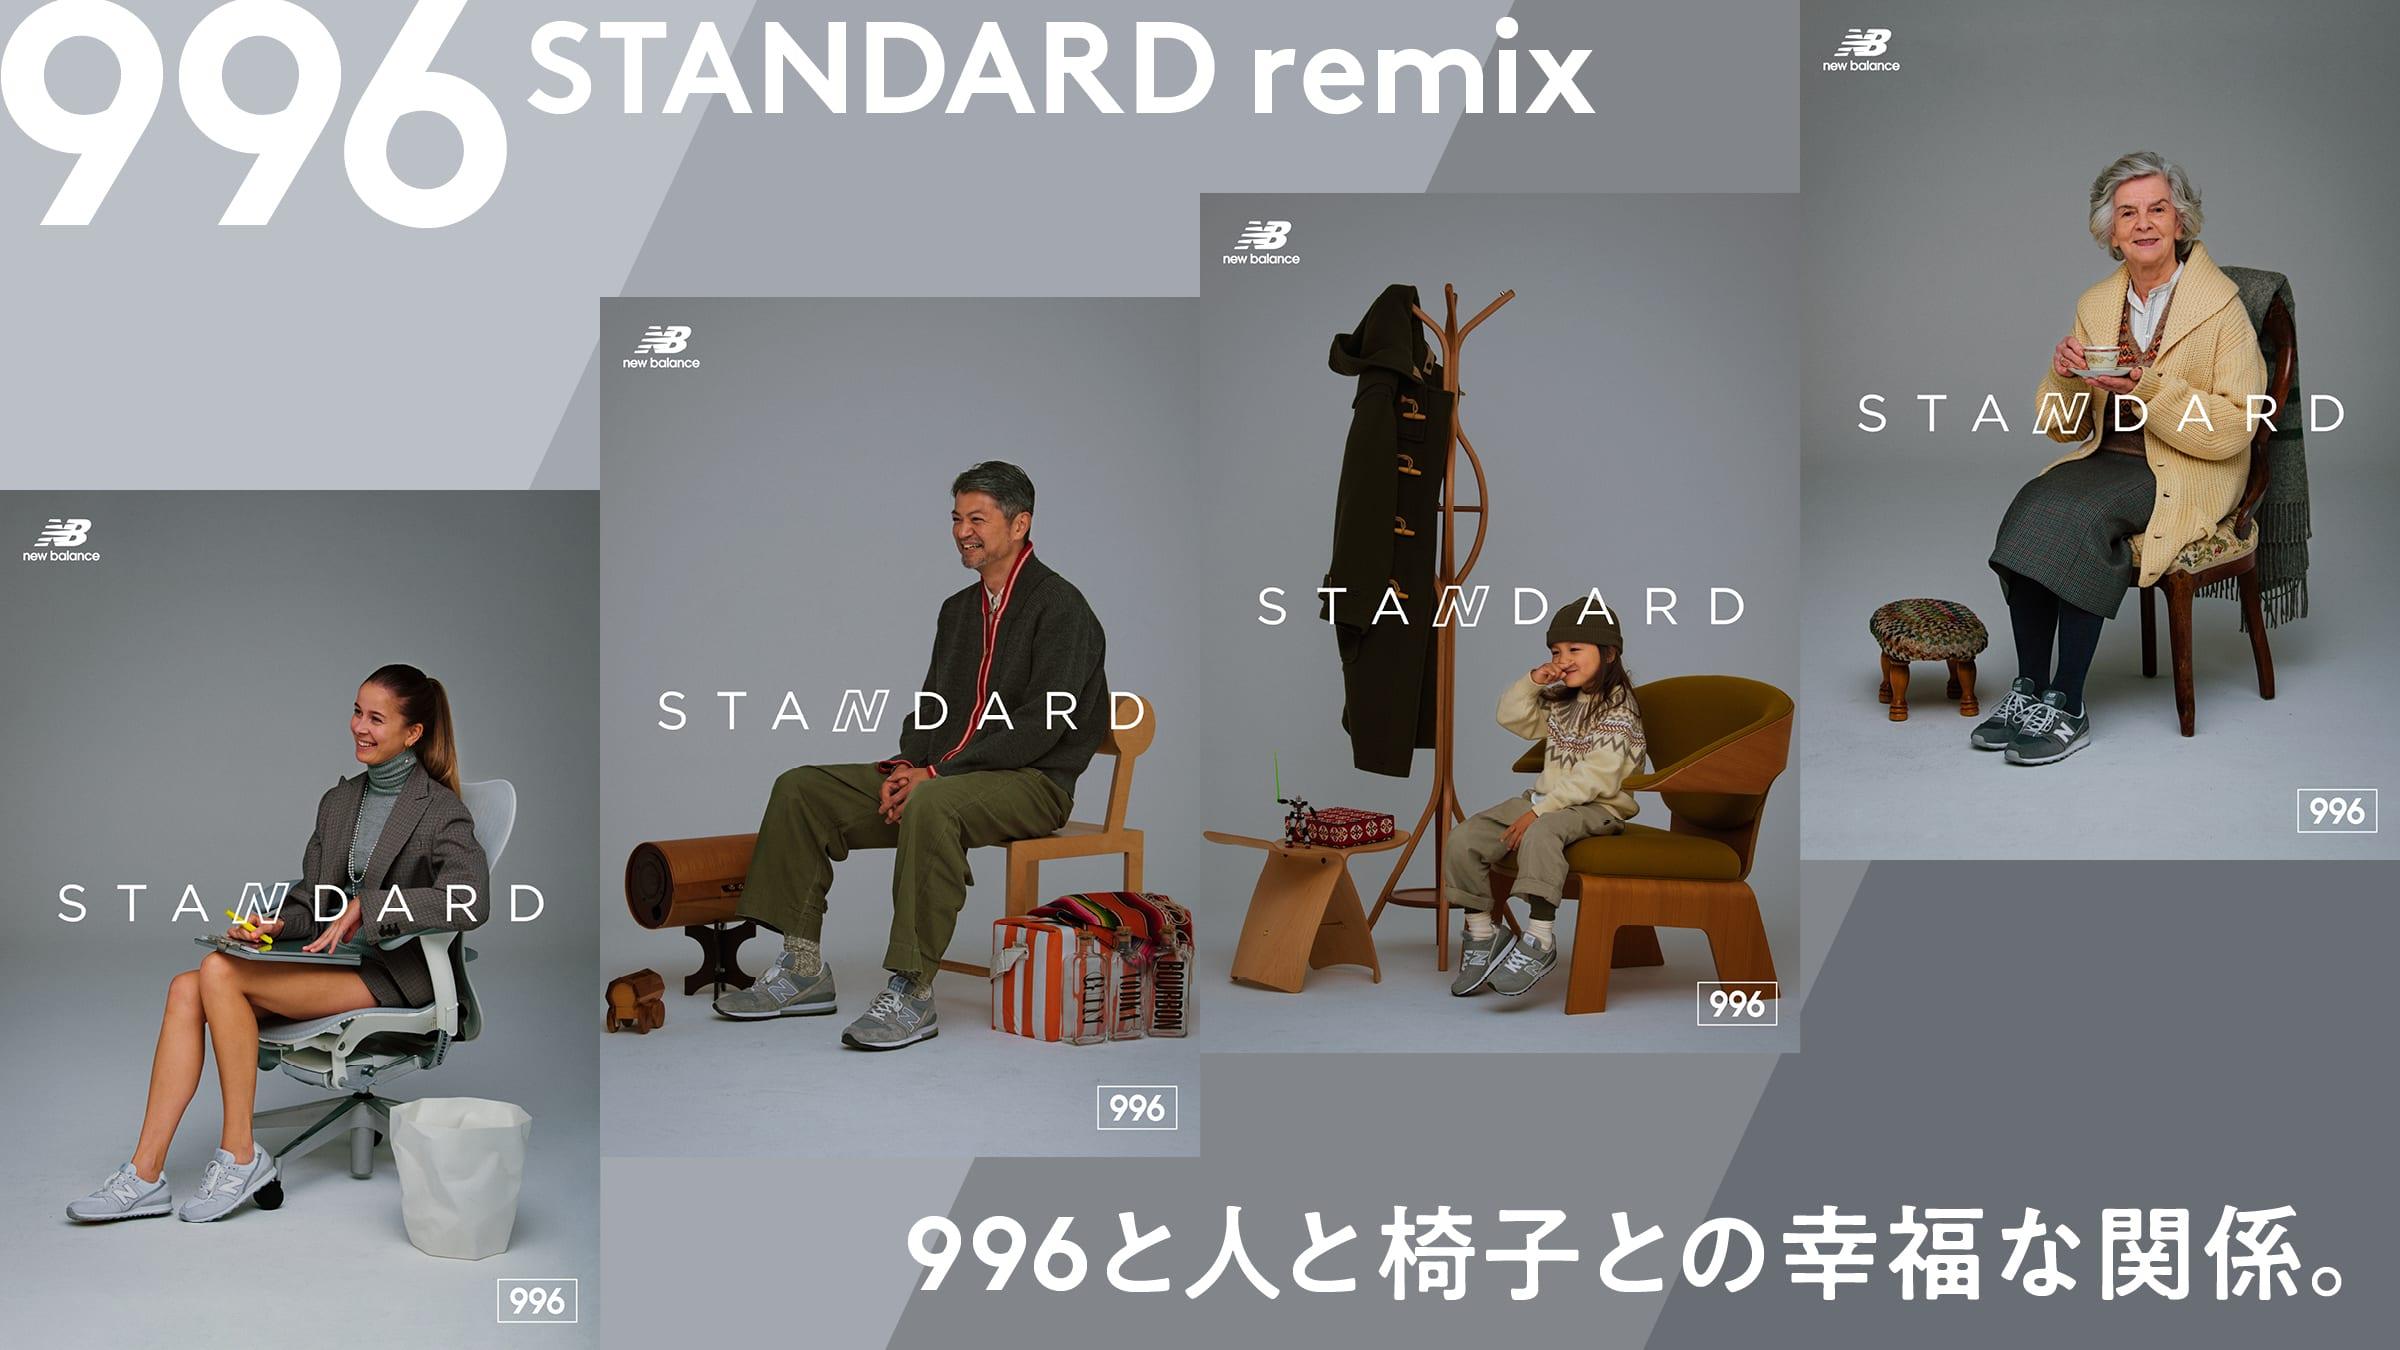 996 STANDARD remix <br>996と人と椅子との幸福な関係。